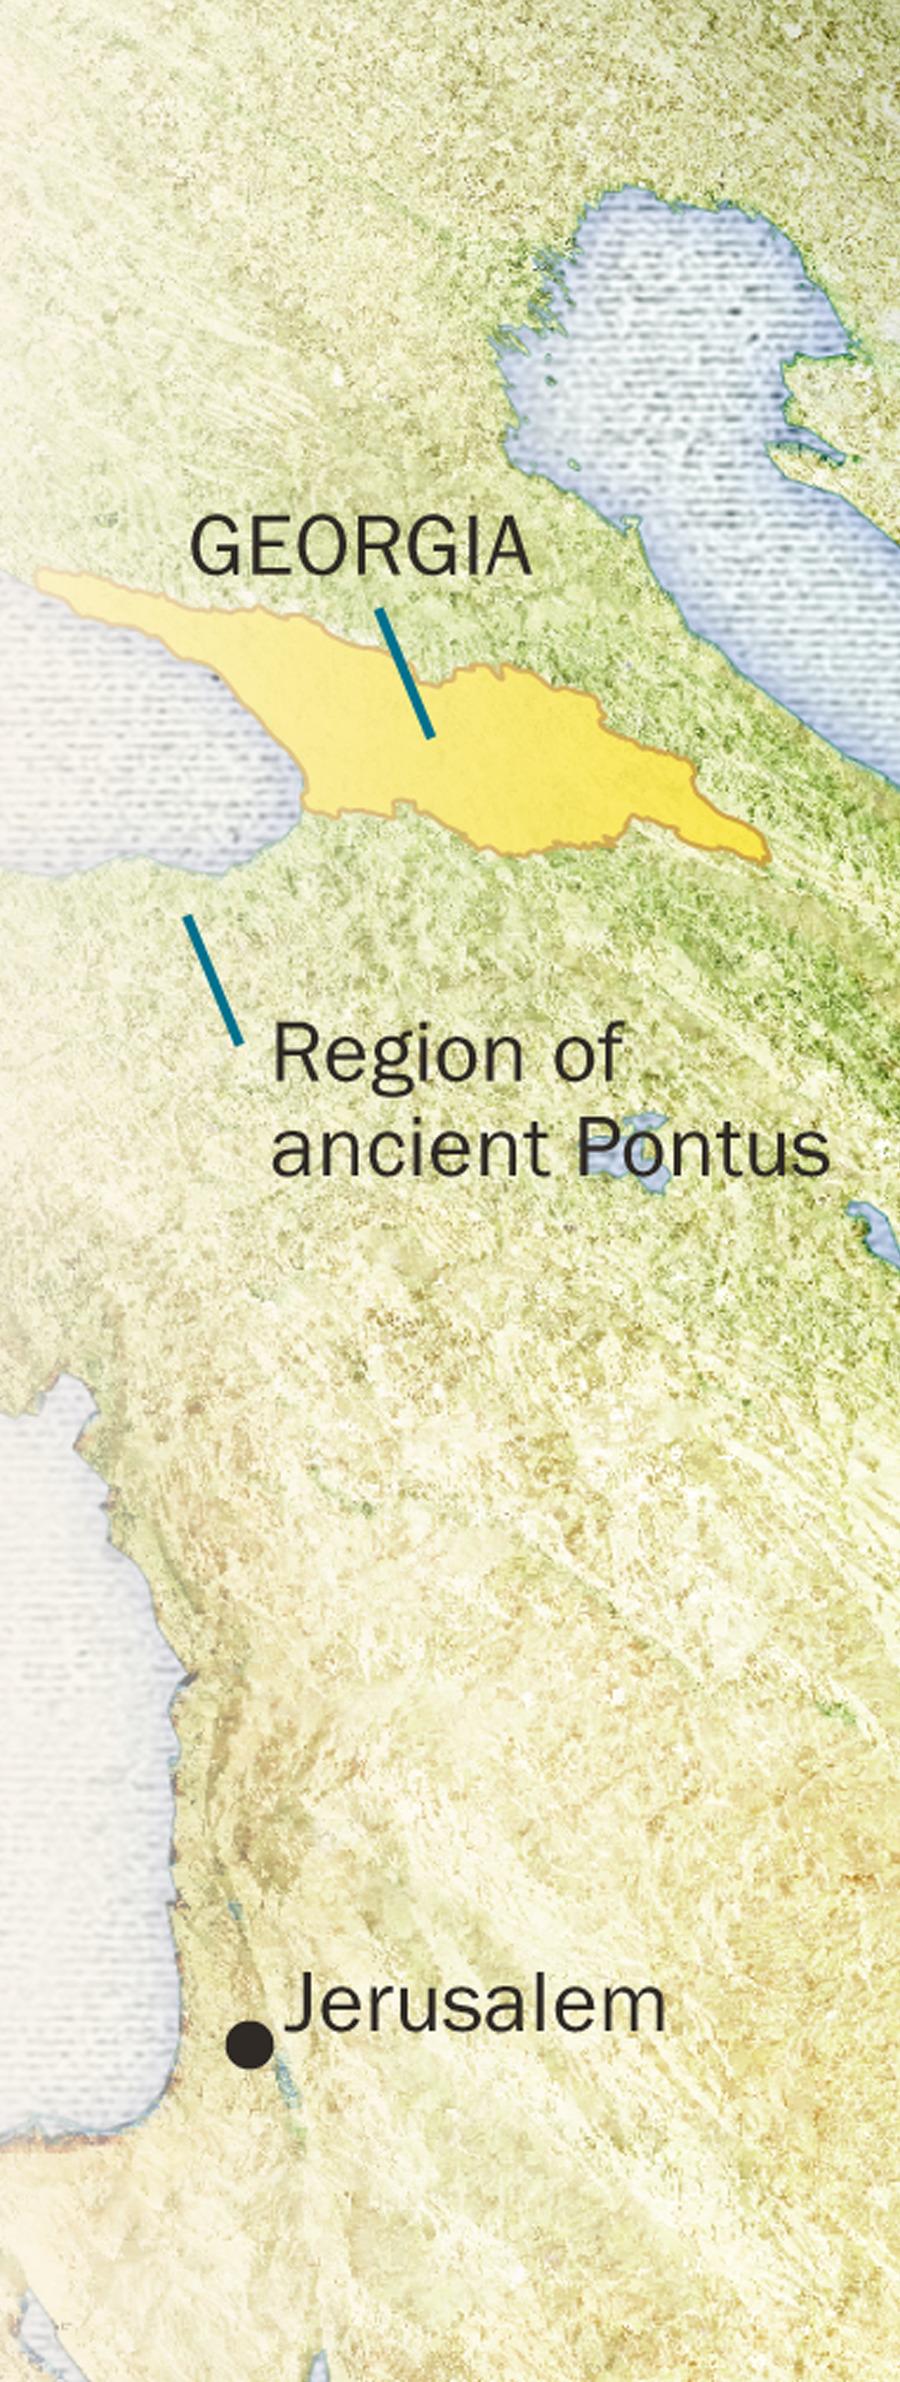 A Georgian Bible: A Treasure Hidden for Centuries